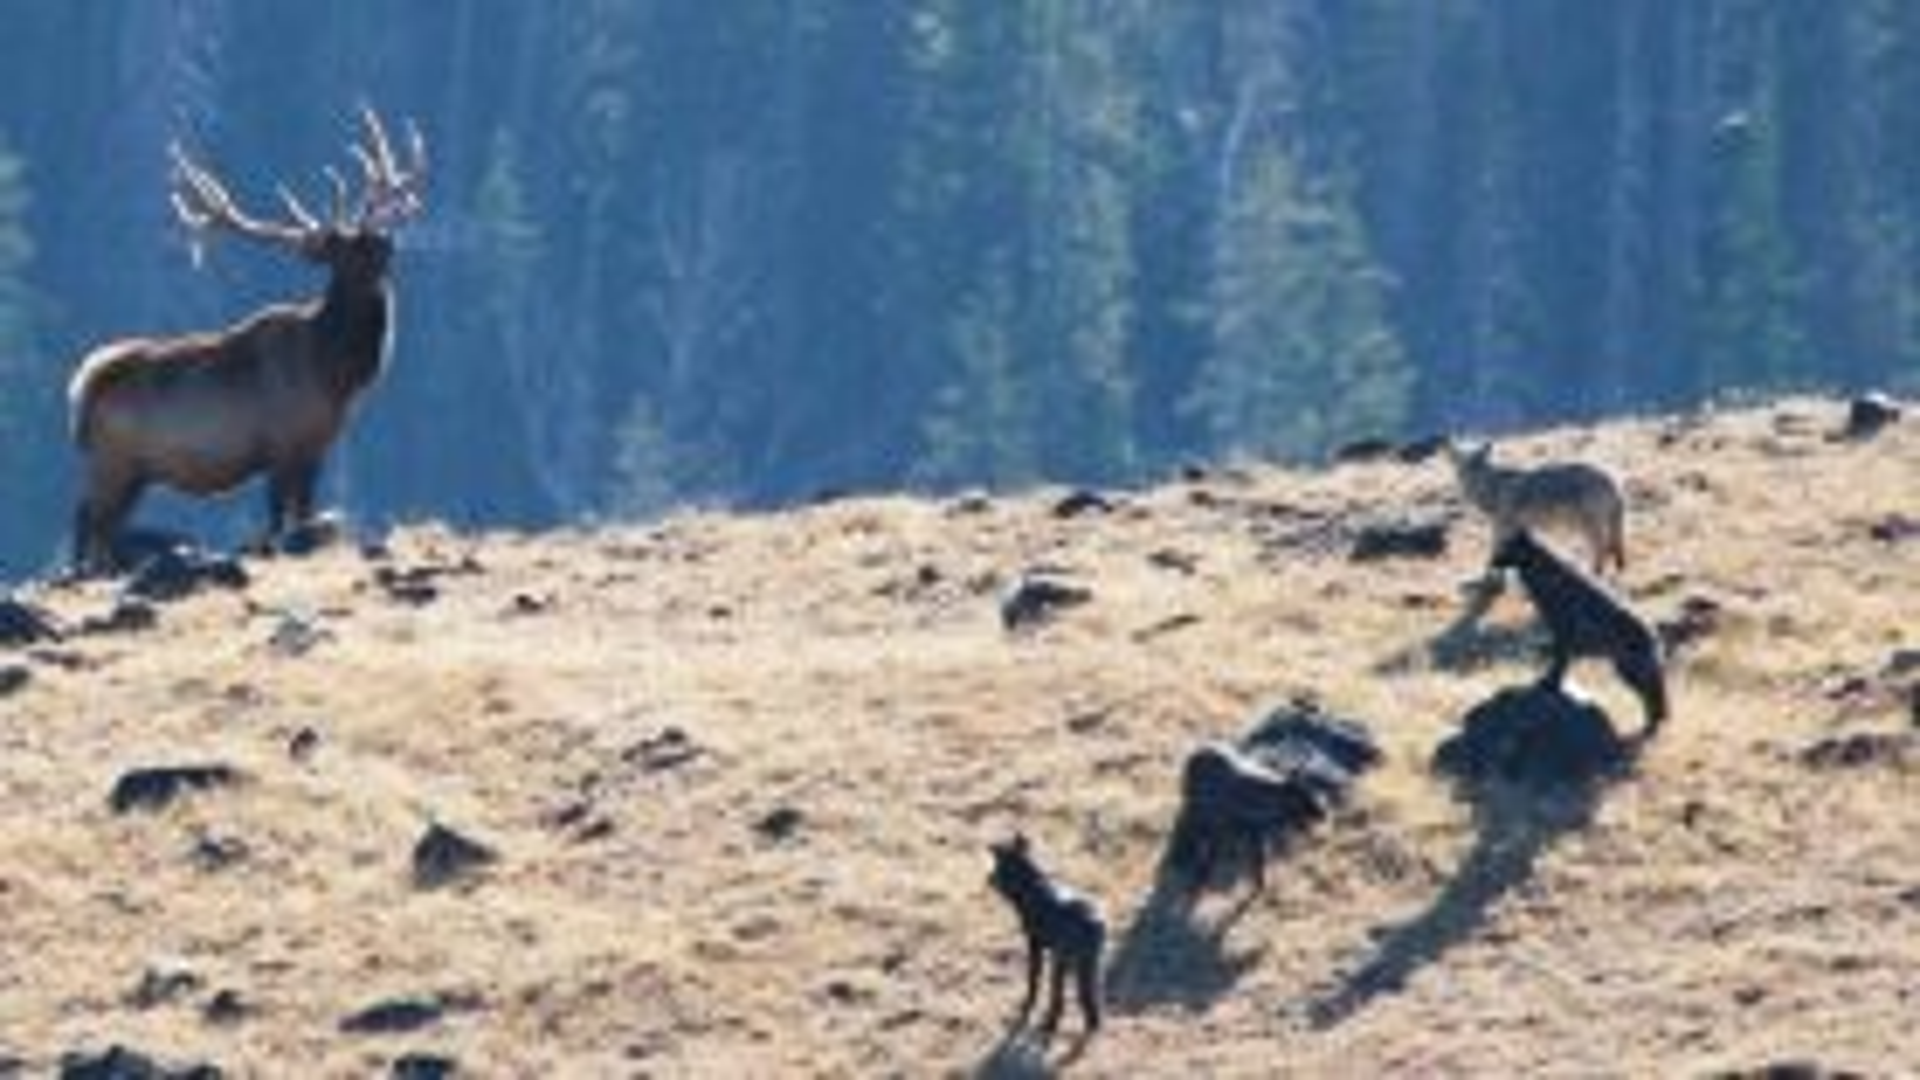 تعقیب و گریز گرگها و گوزنها در پارک یلو استون آمریکا   فیلم